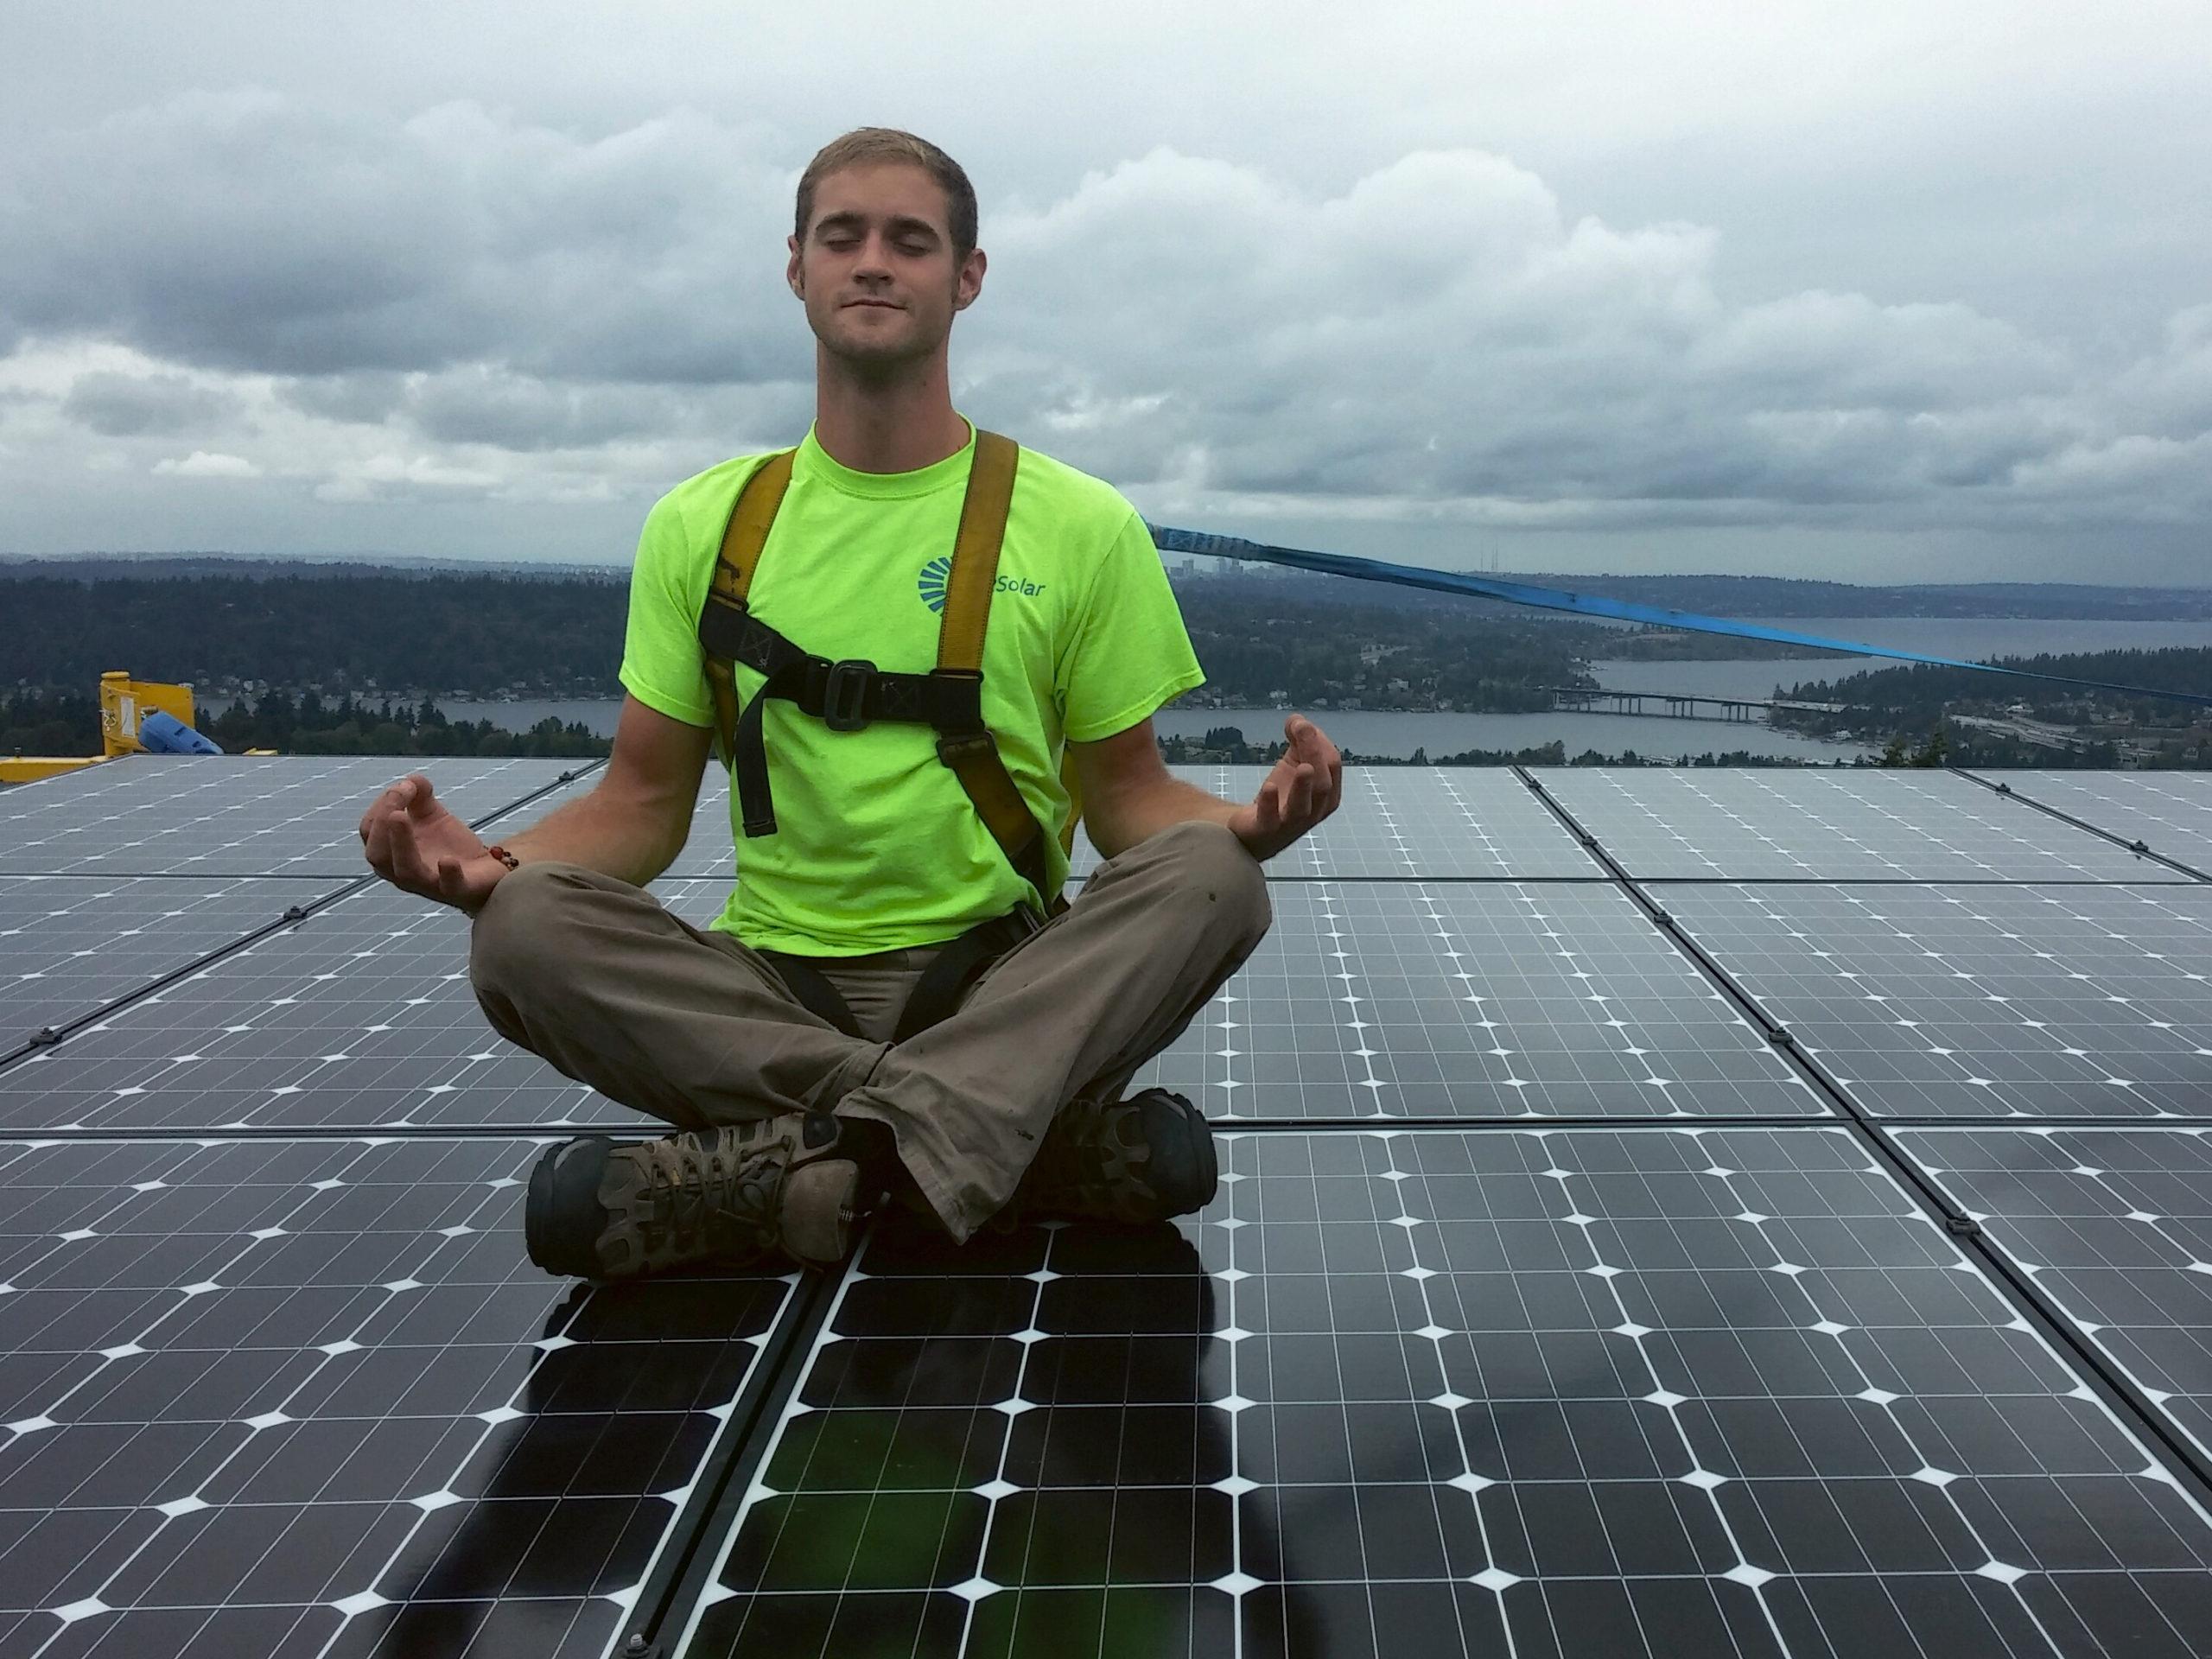 A little solar zen